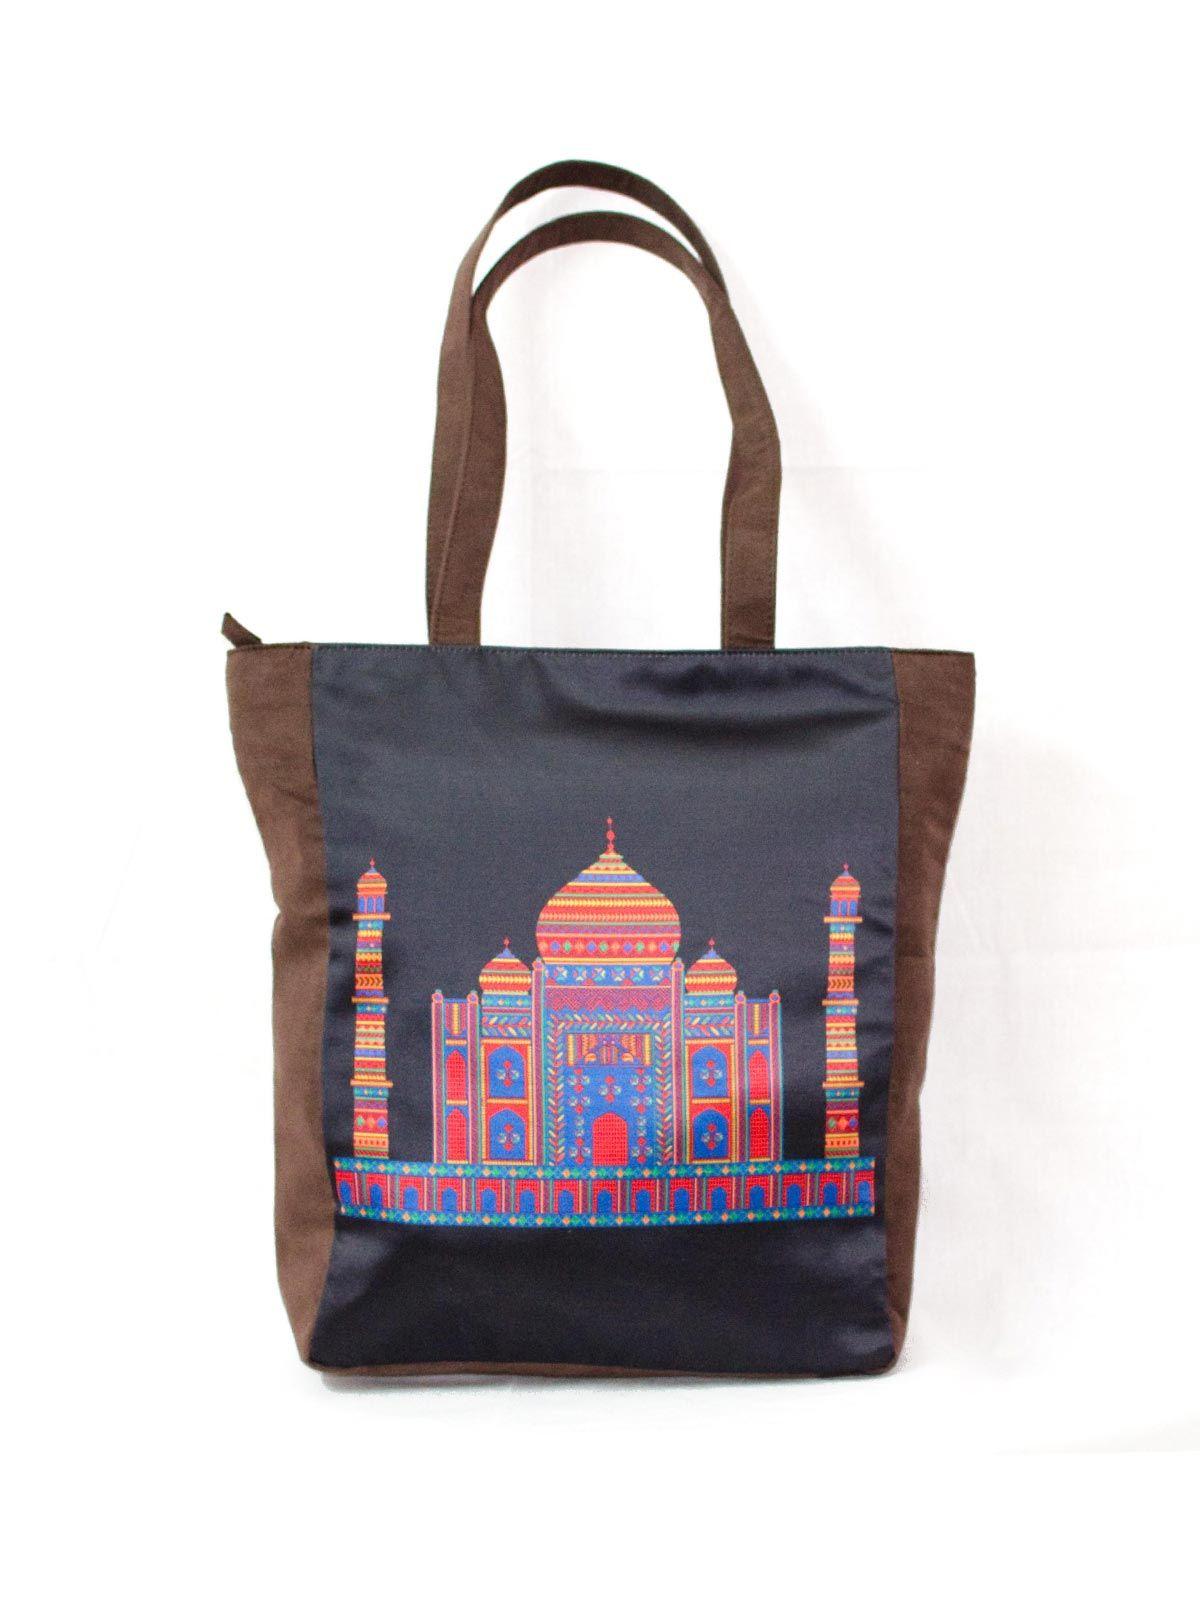 Taj Printed Tote